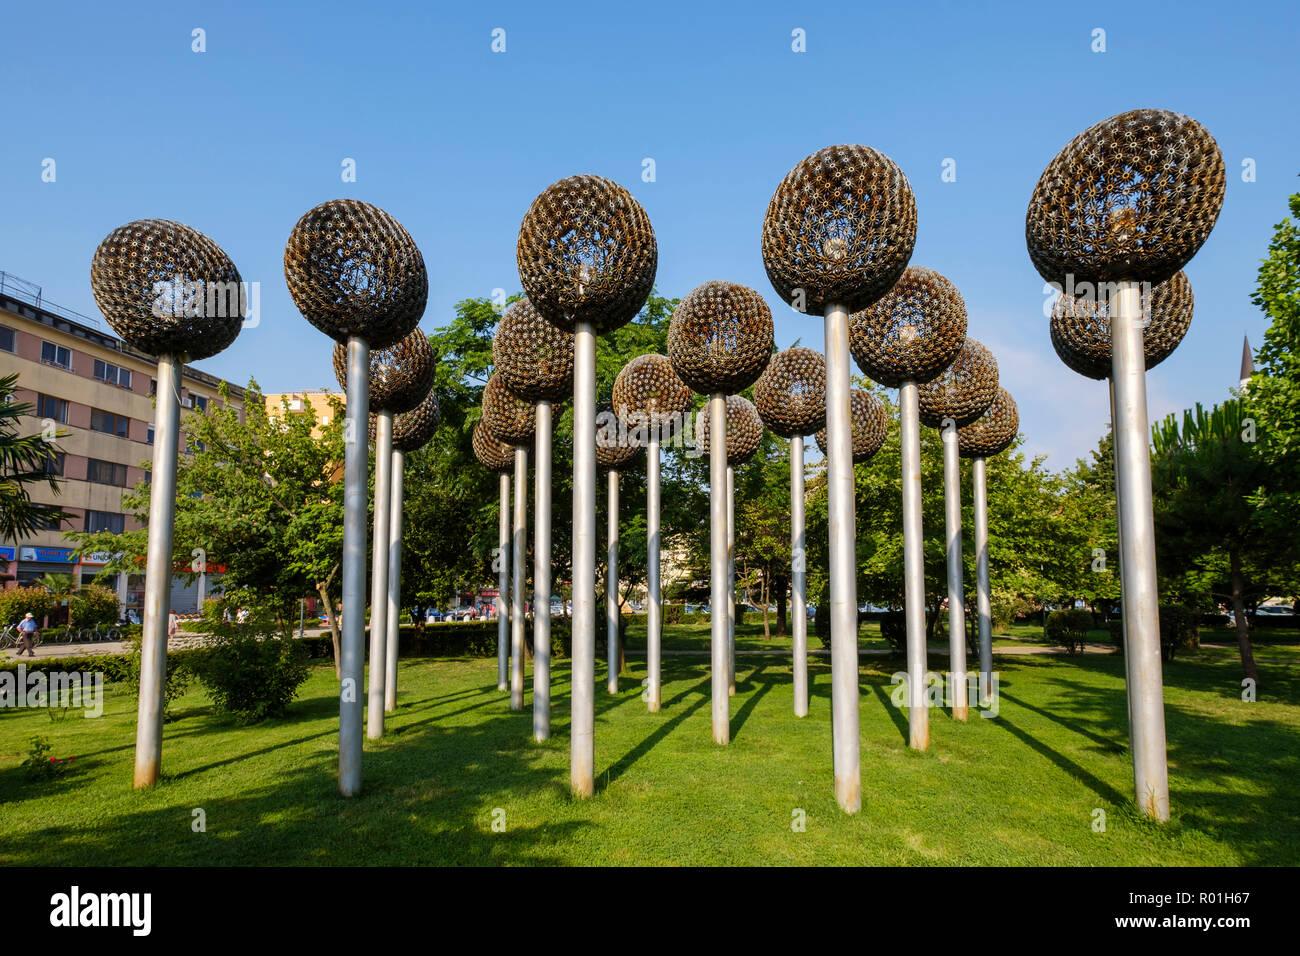 Flower sculptures from ammunition and weapons in the municipal park, Shkodra, Shkodër, Qark Shkodra, Albania - Stock Image